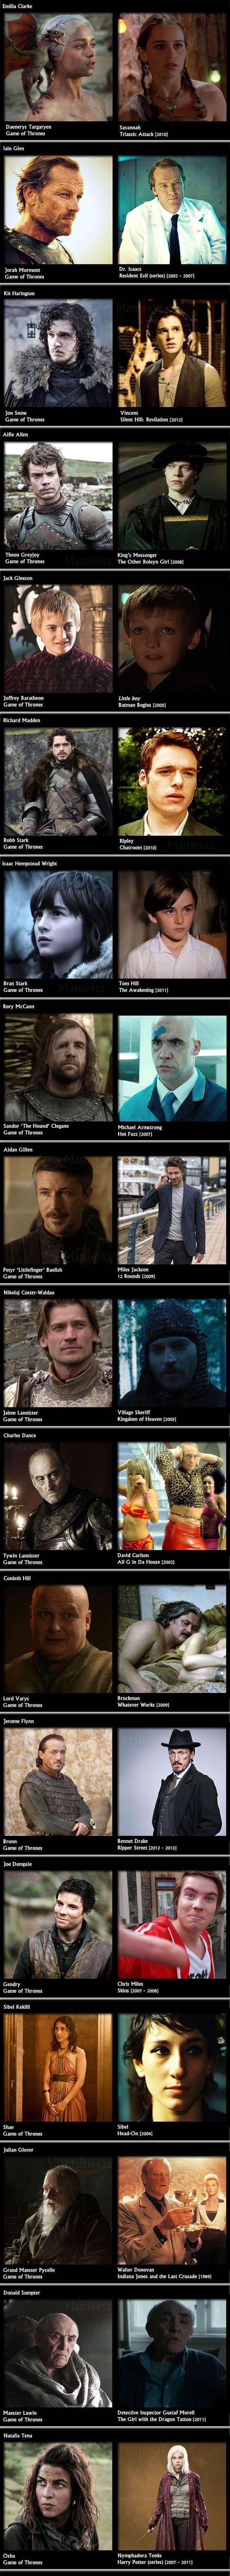 game of thrones actors-2